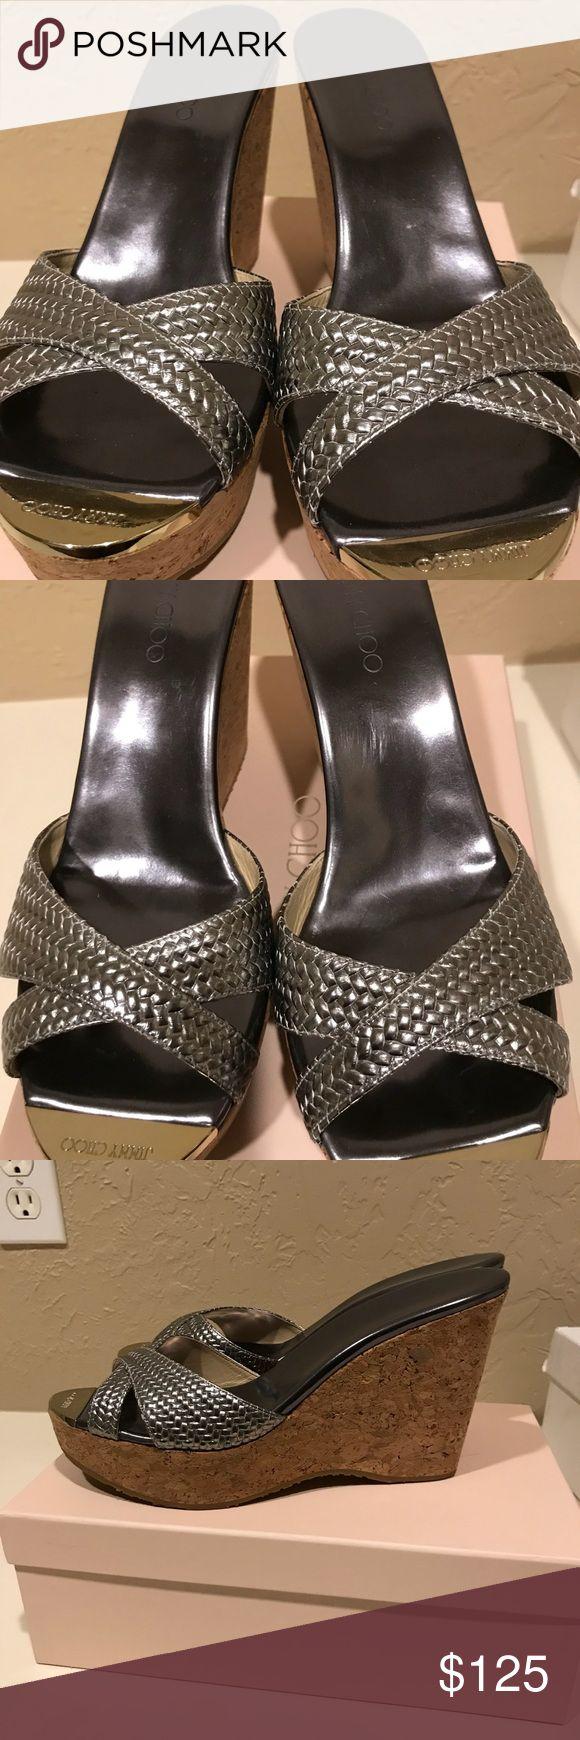 Metallic wedges perfect neutral elegant wedge Jimmy Choo wedge sandals. Worn once Jimmy Choo Shoes Wedges